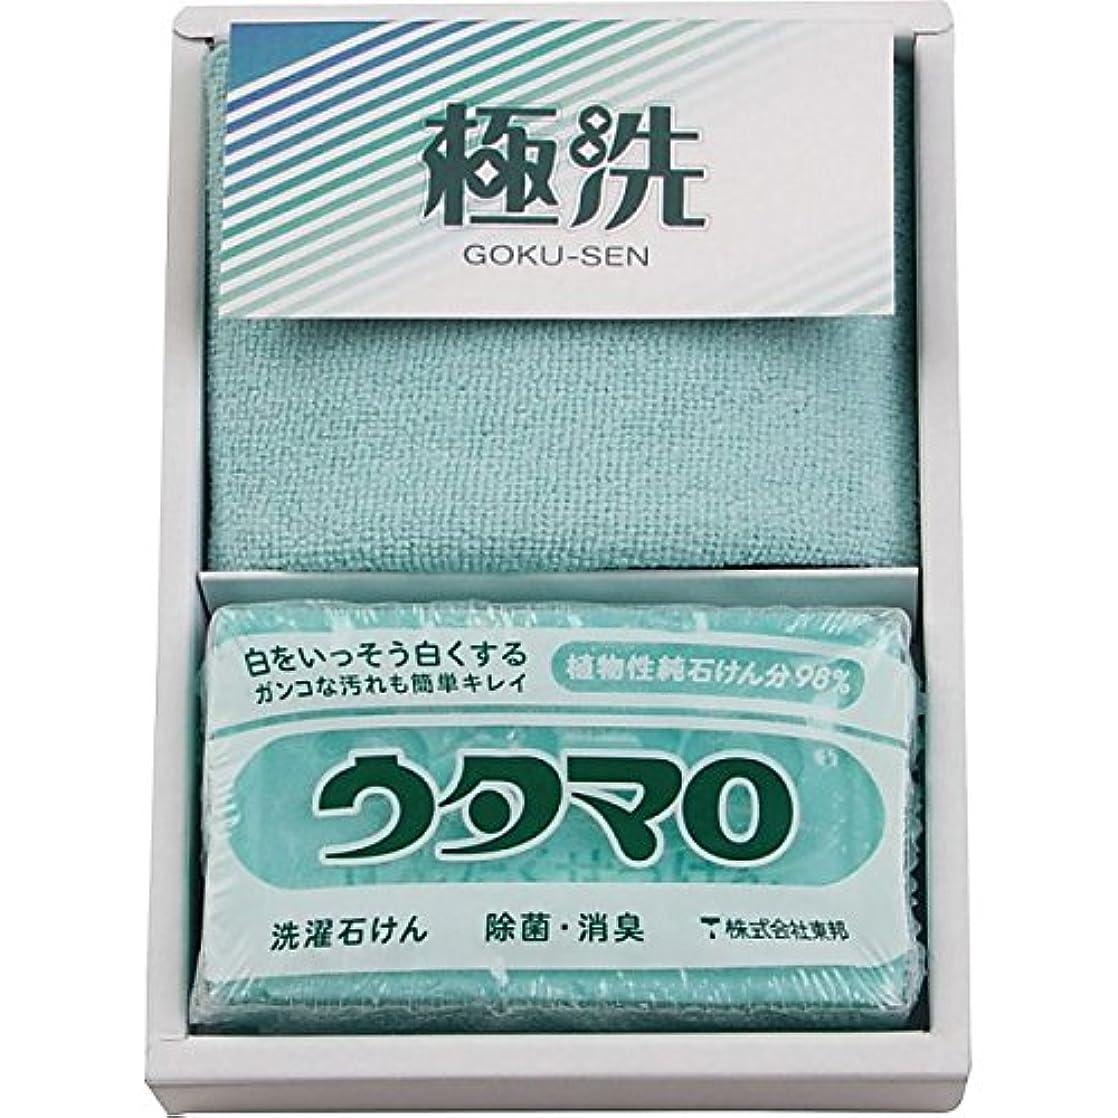 交通渋滞署名パラナ川( ウタマロ ) 石鹸セット ( 835-1053r )